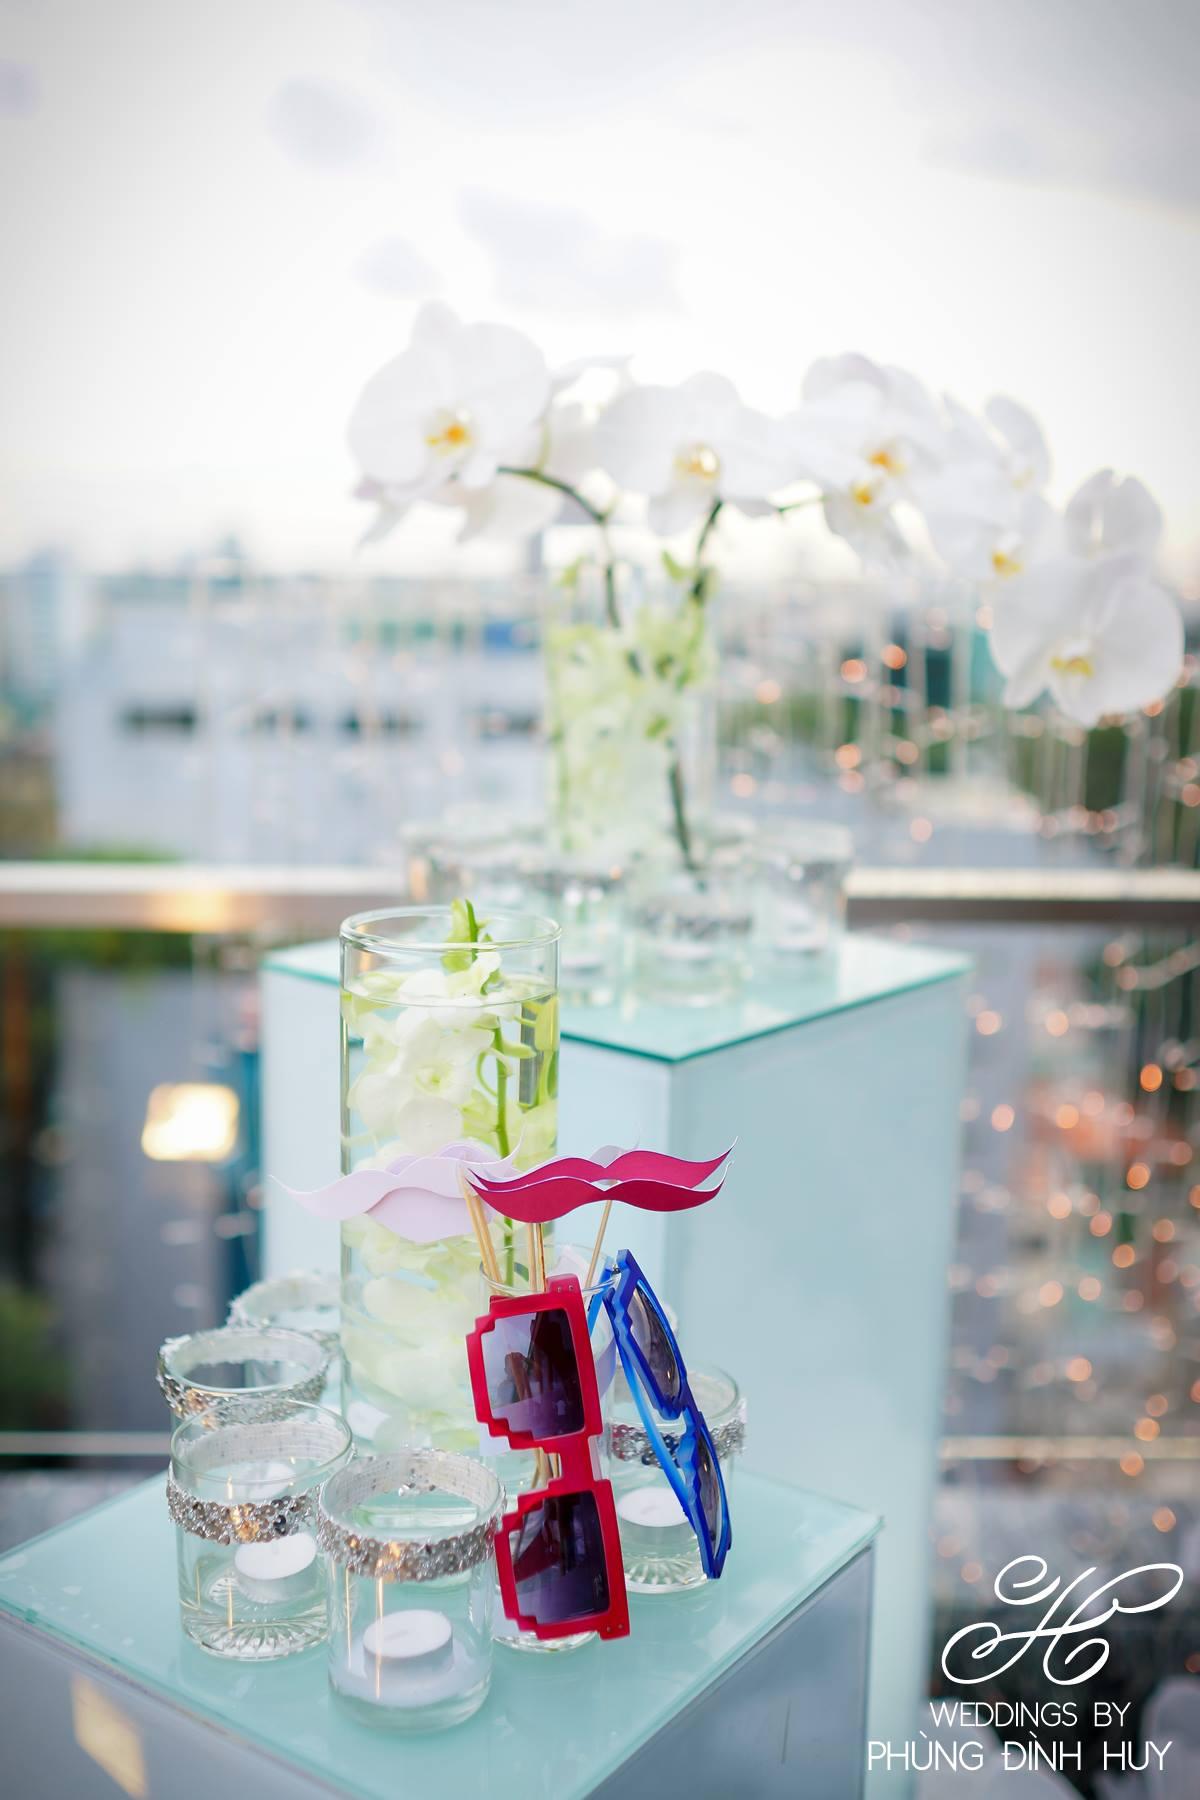 Tiệc Cưới  Ở Kim Đô - Weddings By Phùng Đình Huy 10